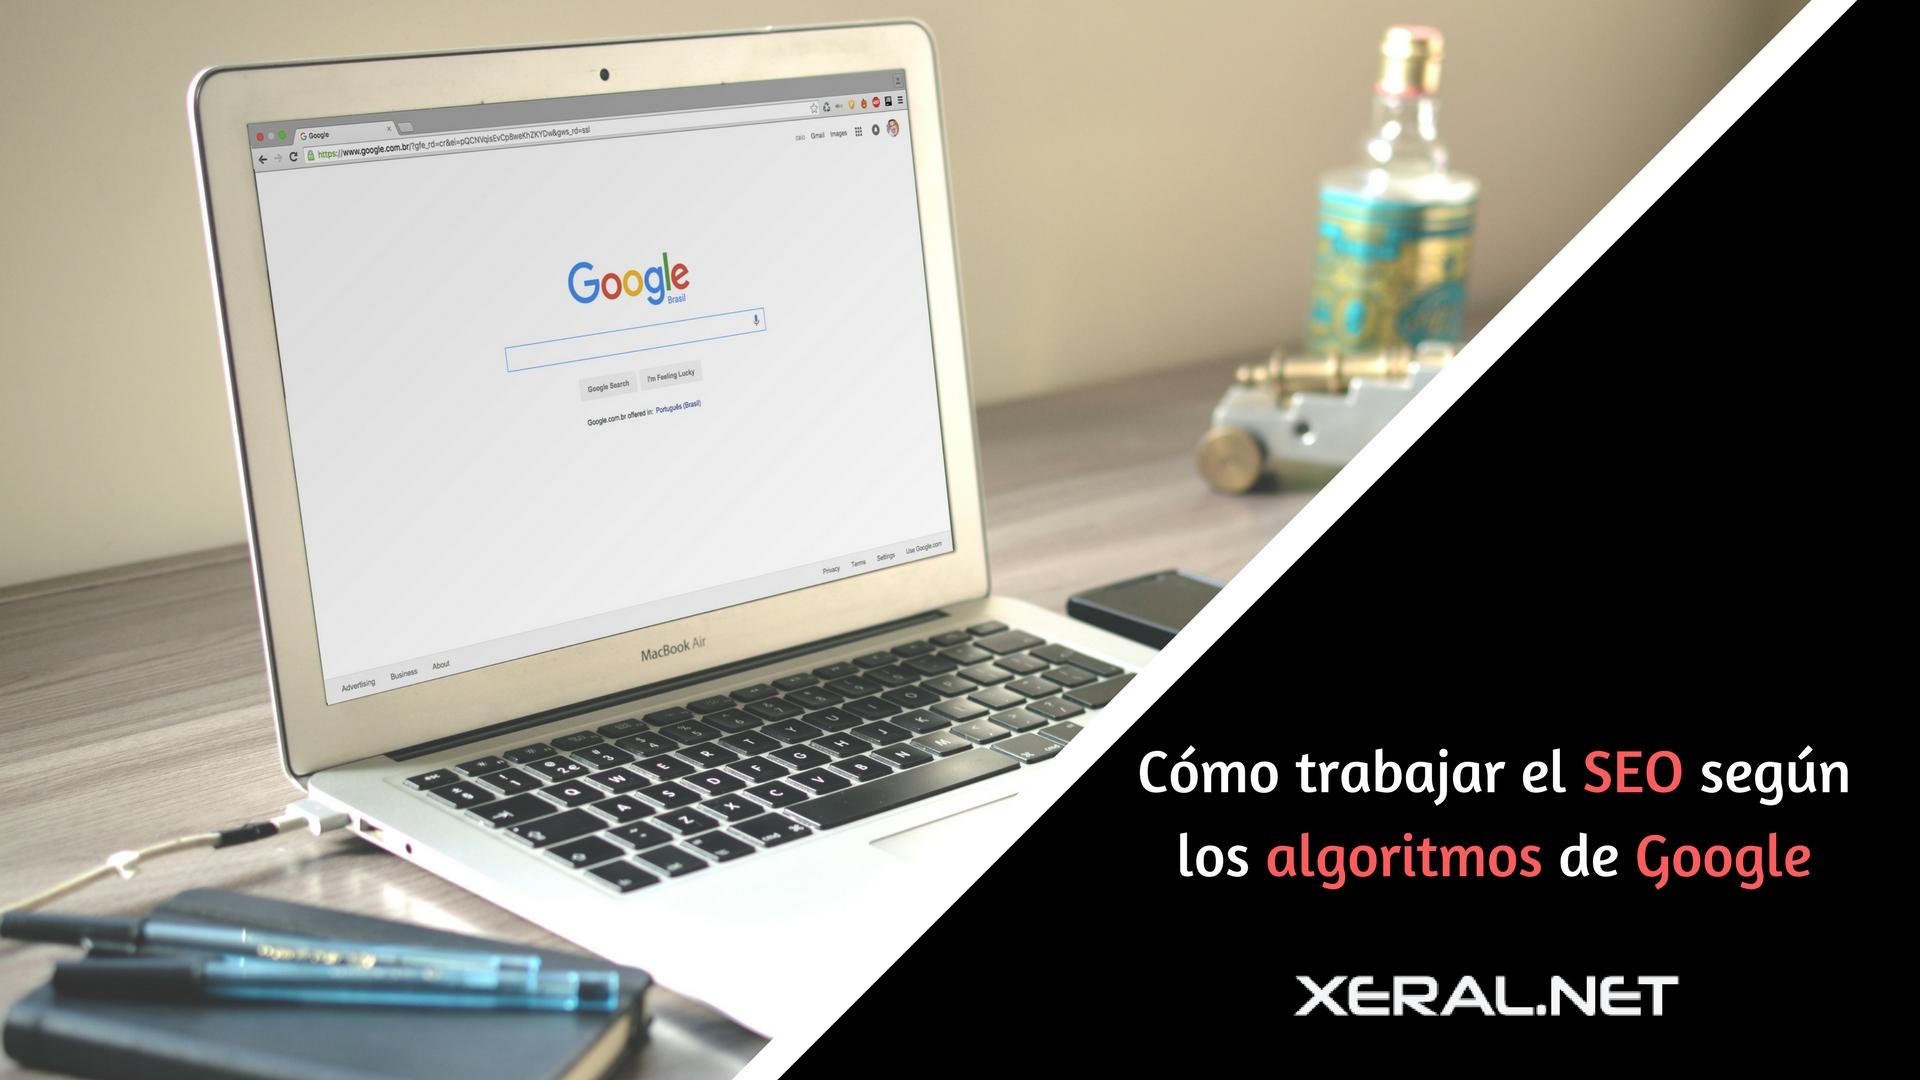 como-trabajar-el-seo-segun-los-algoritmos-de-google-1920